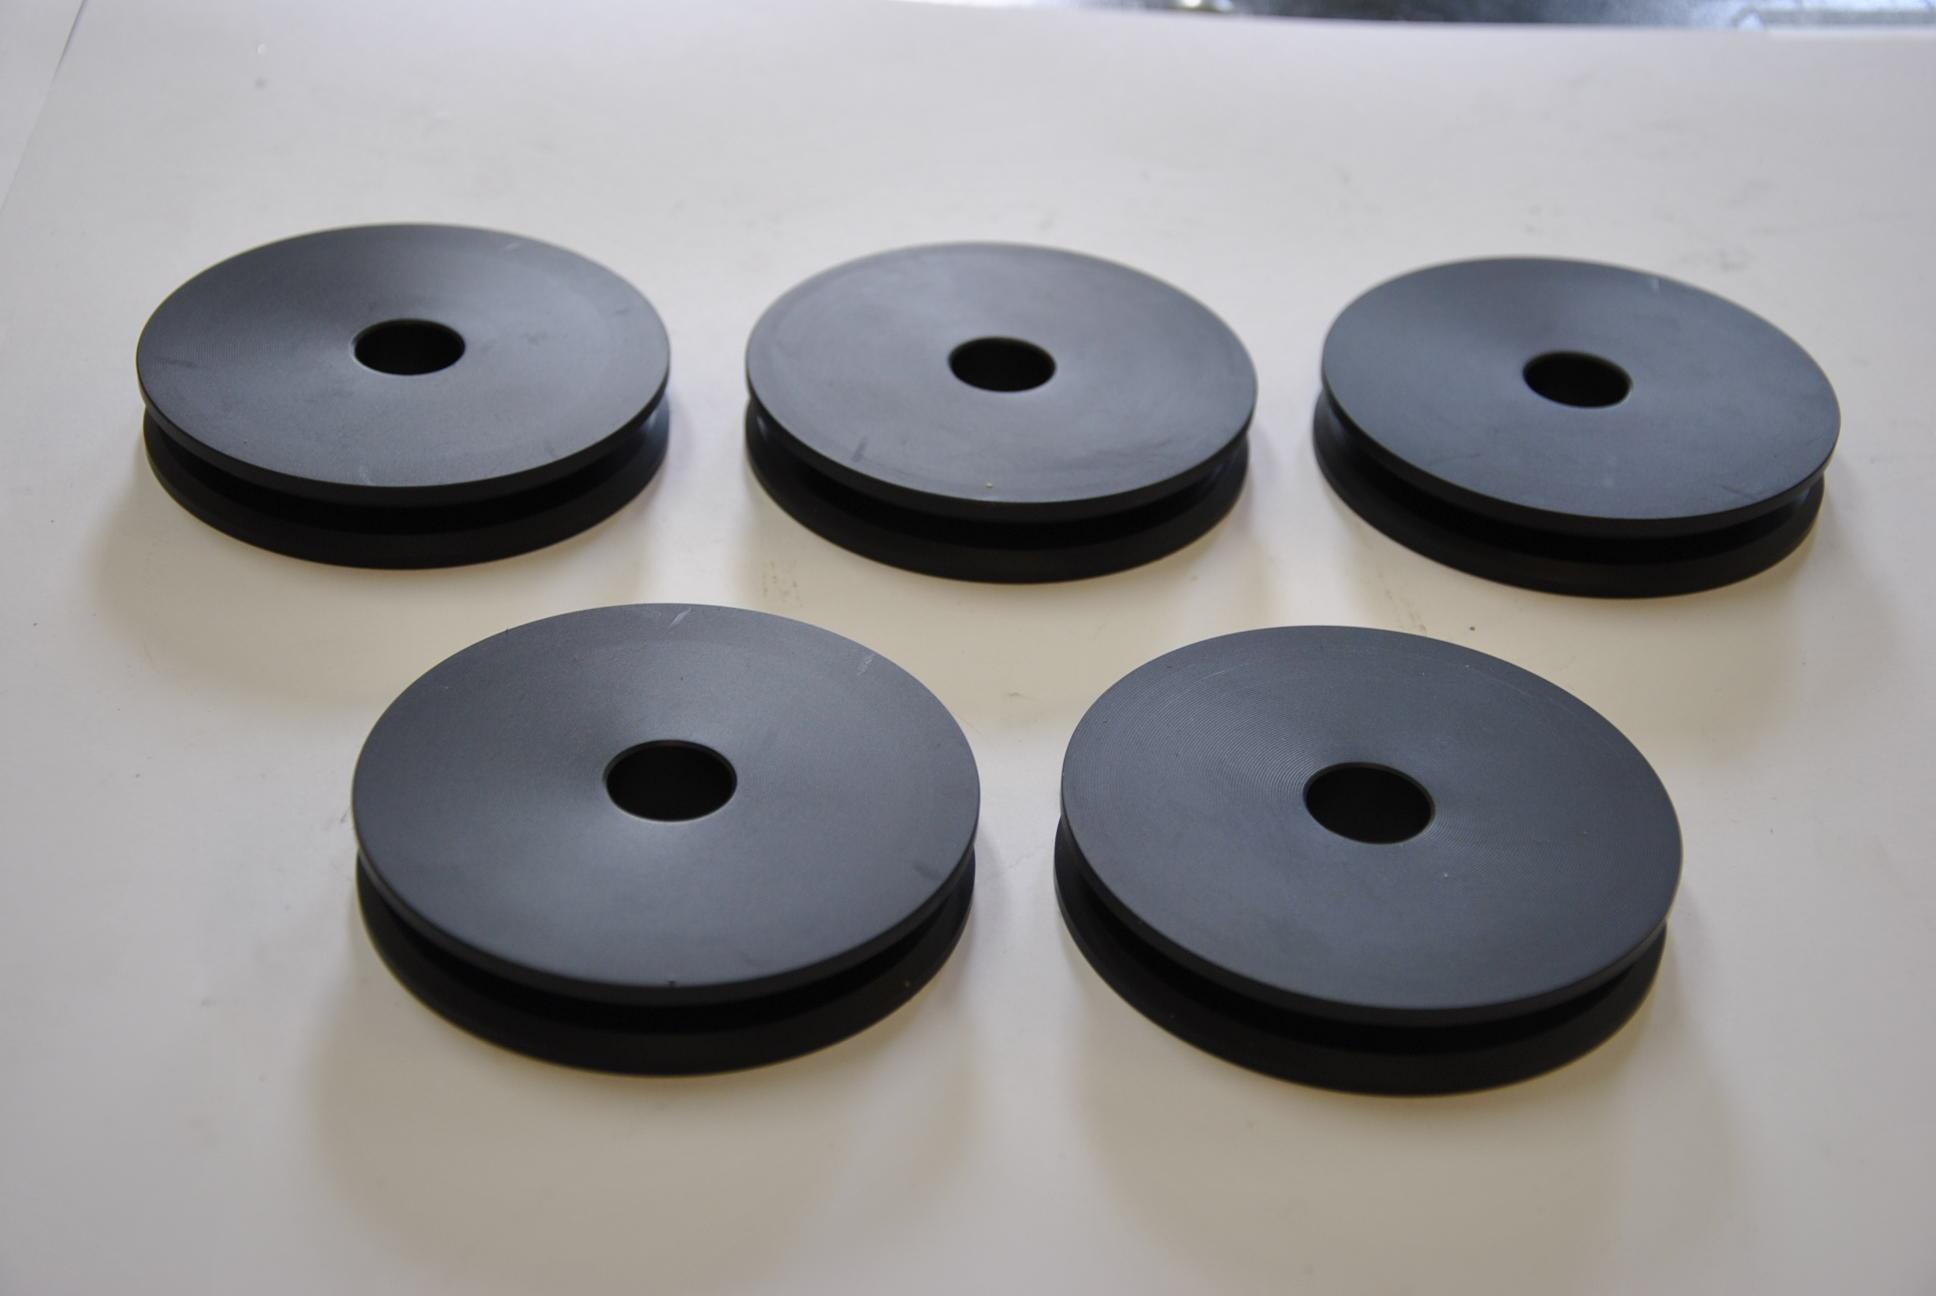 Направляющий ролик для проволоки Ø 100 мм, 20 шт./комп.